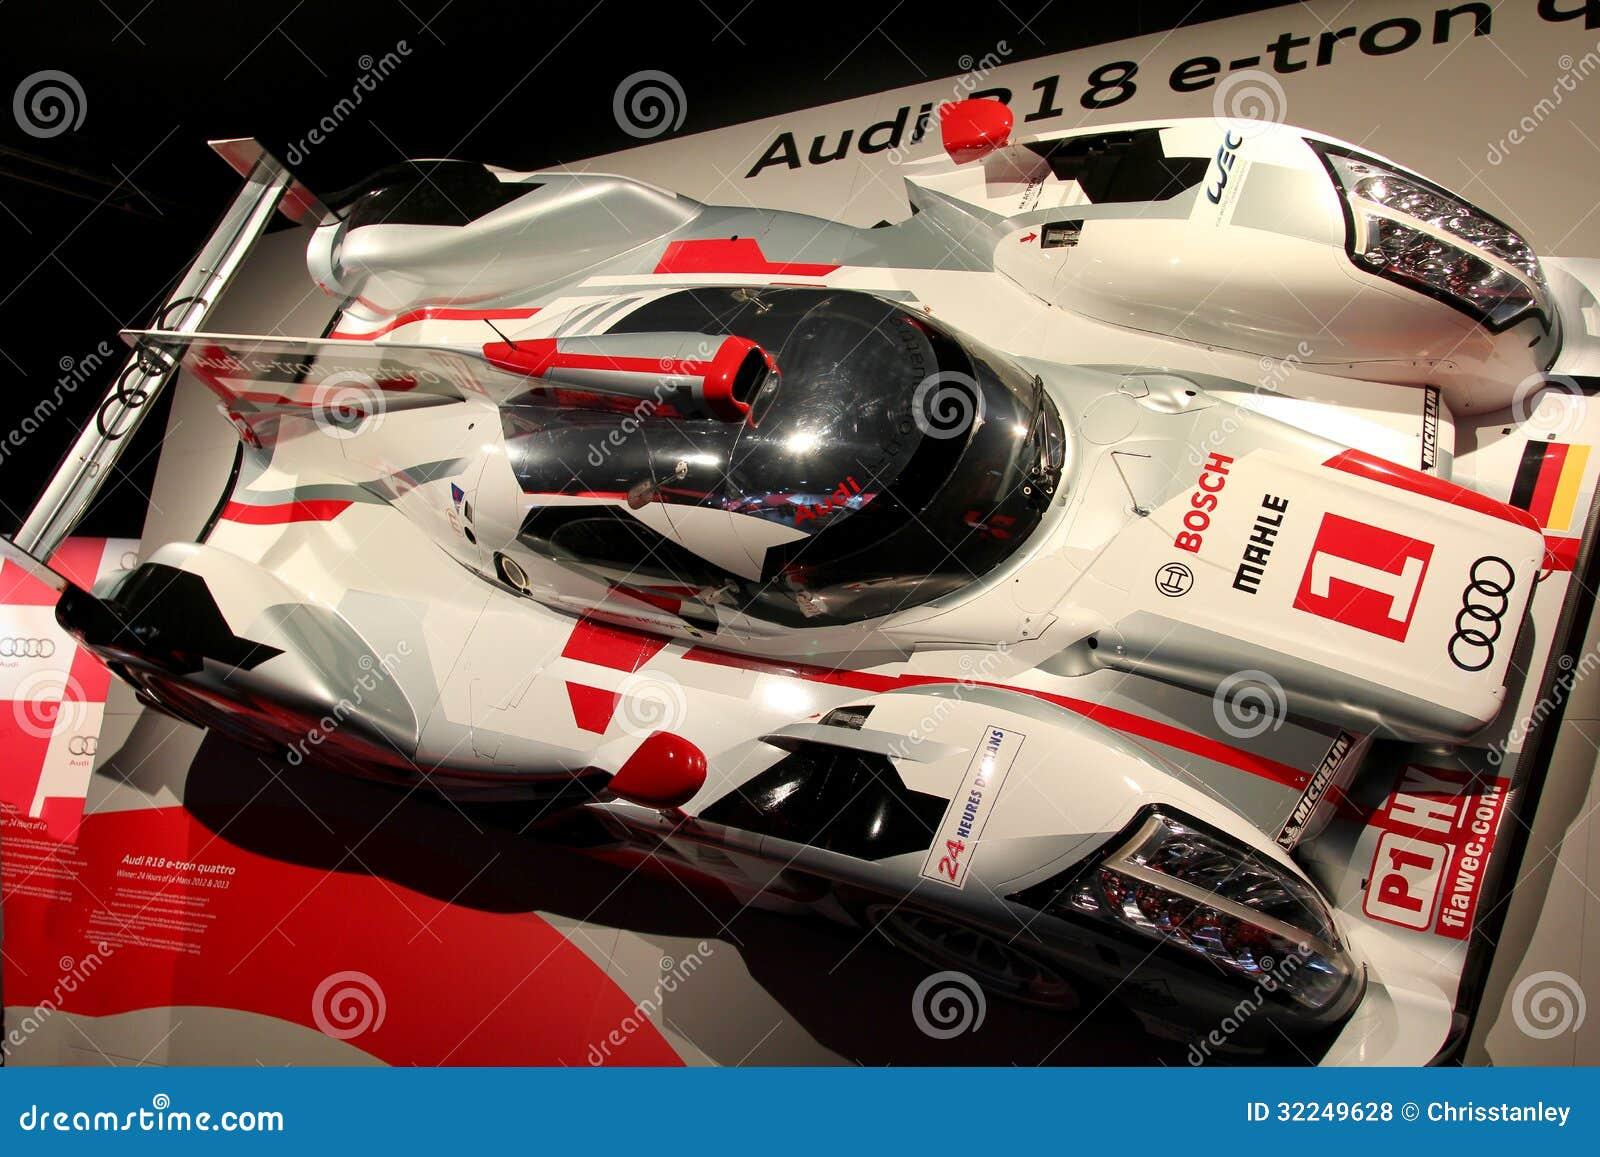 Auto Audis R18 Le Mans